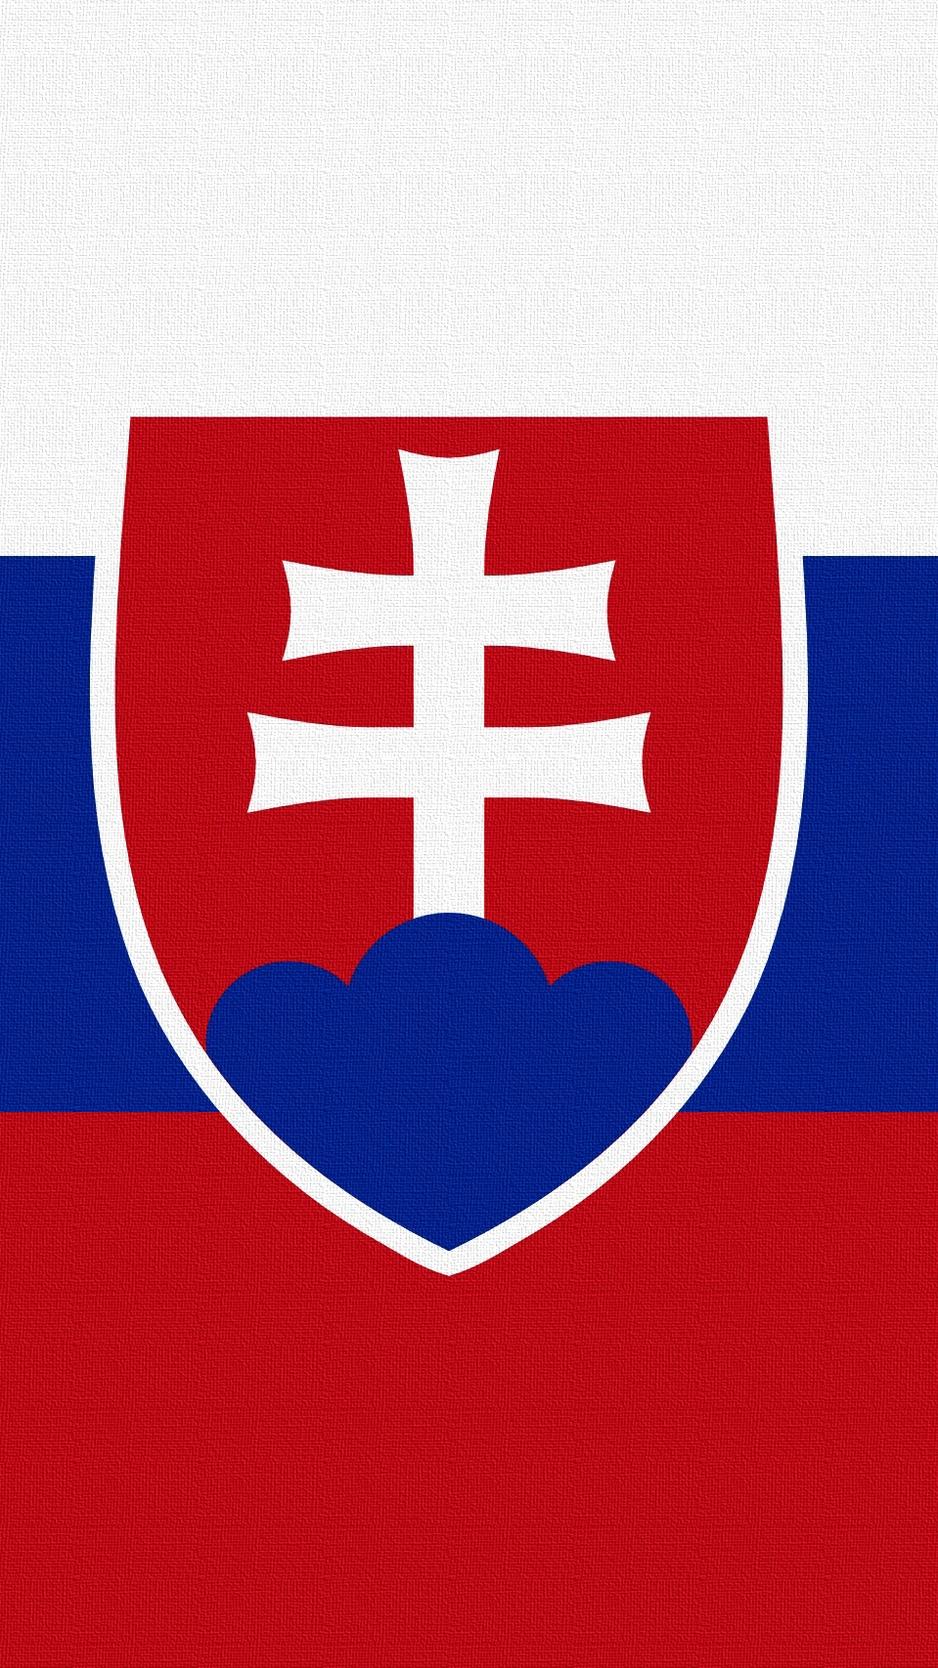 Download wallpaper 938x1668 slovakia flag symbols iphone 876s 938x1668